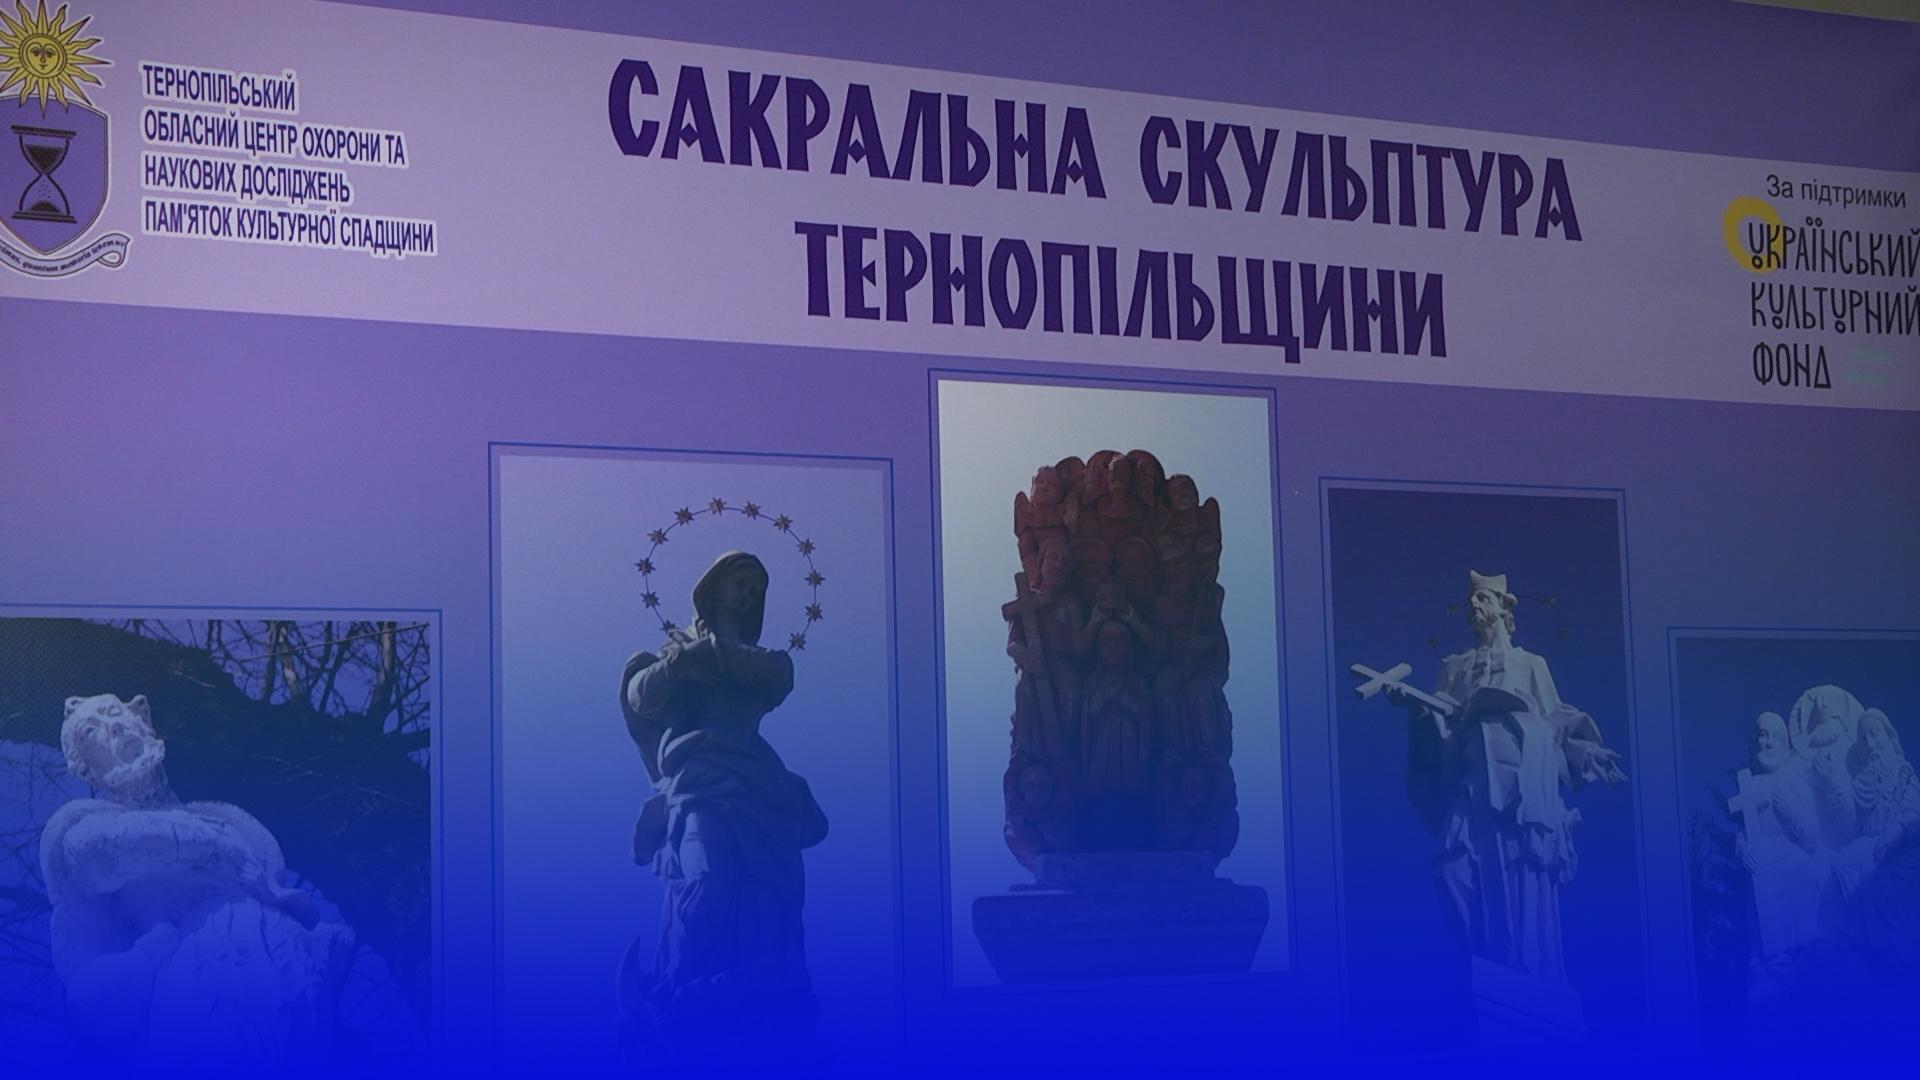 """""""Сакральна скульптура Тернопільщини"""": побачити духовні пам'ятки краю можуть тернополяни"""